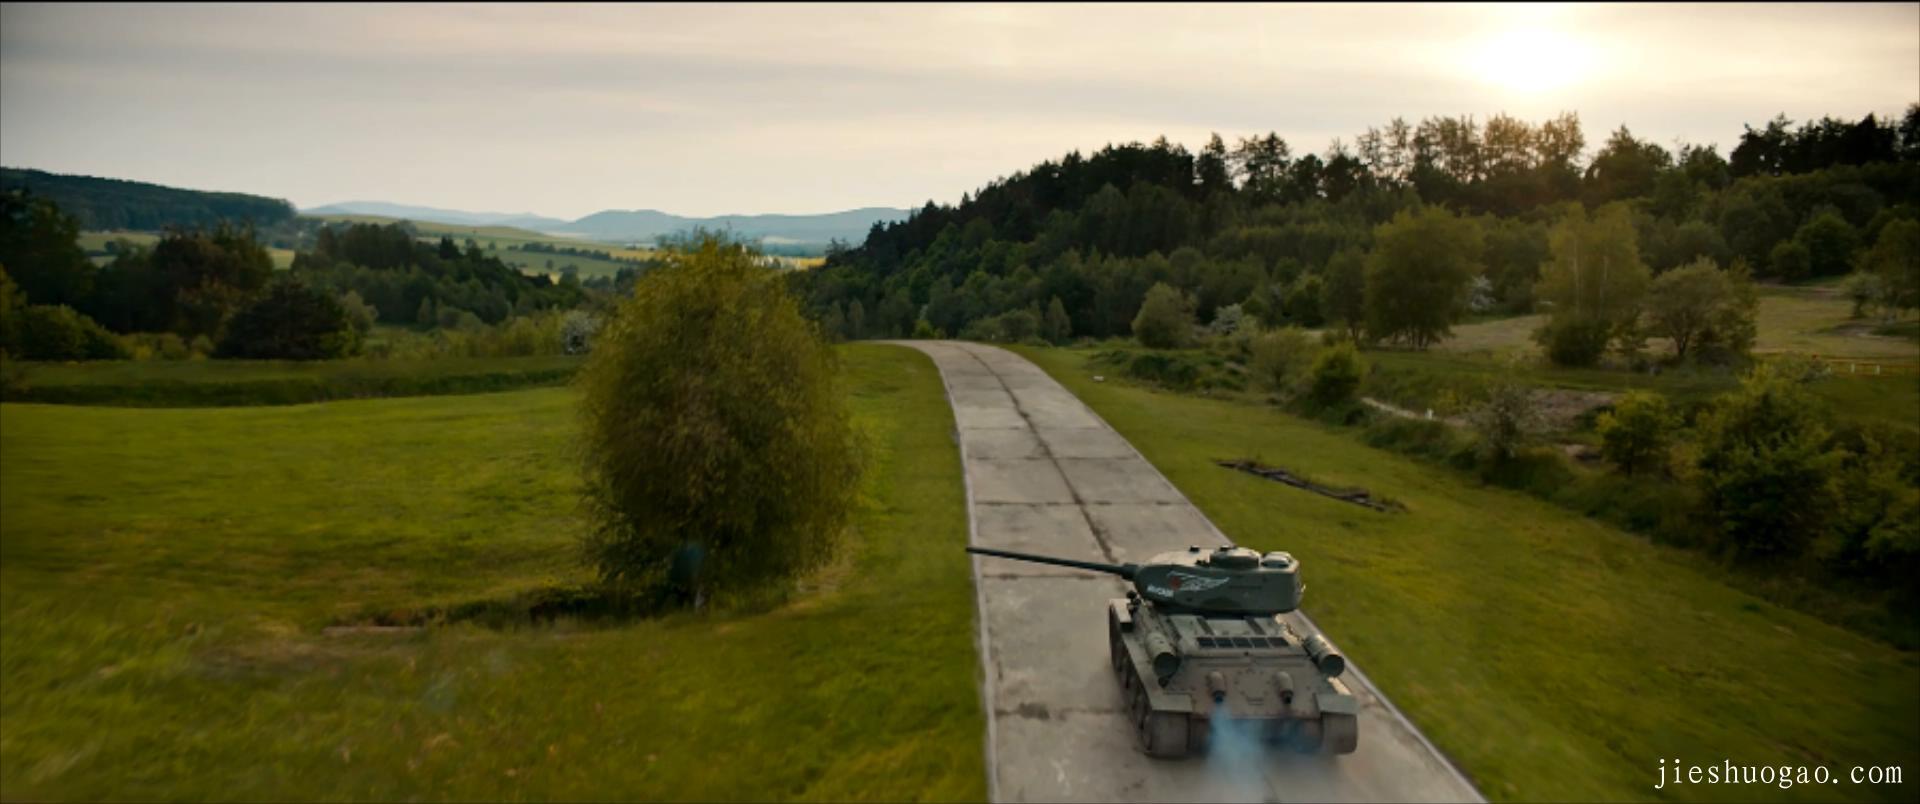 俄罗斯抗战神剧 《猎杀T34》7分钟2496字解说稿-第6张图片